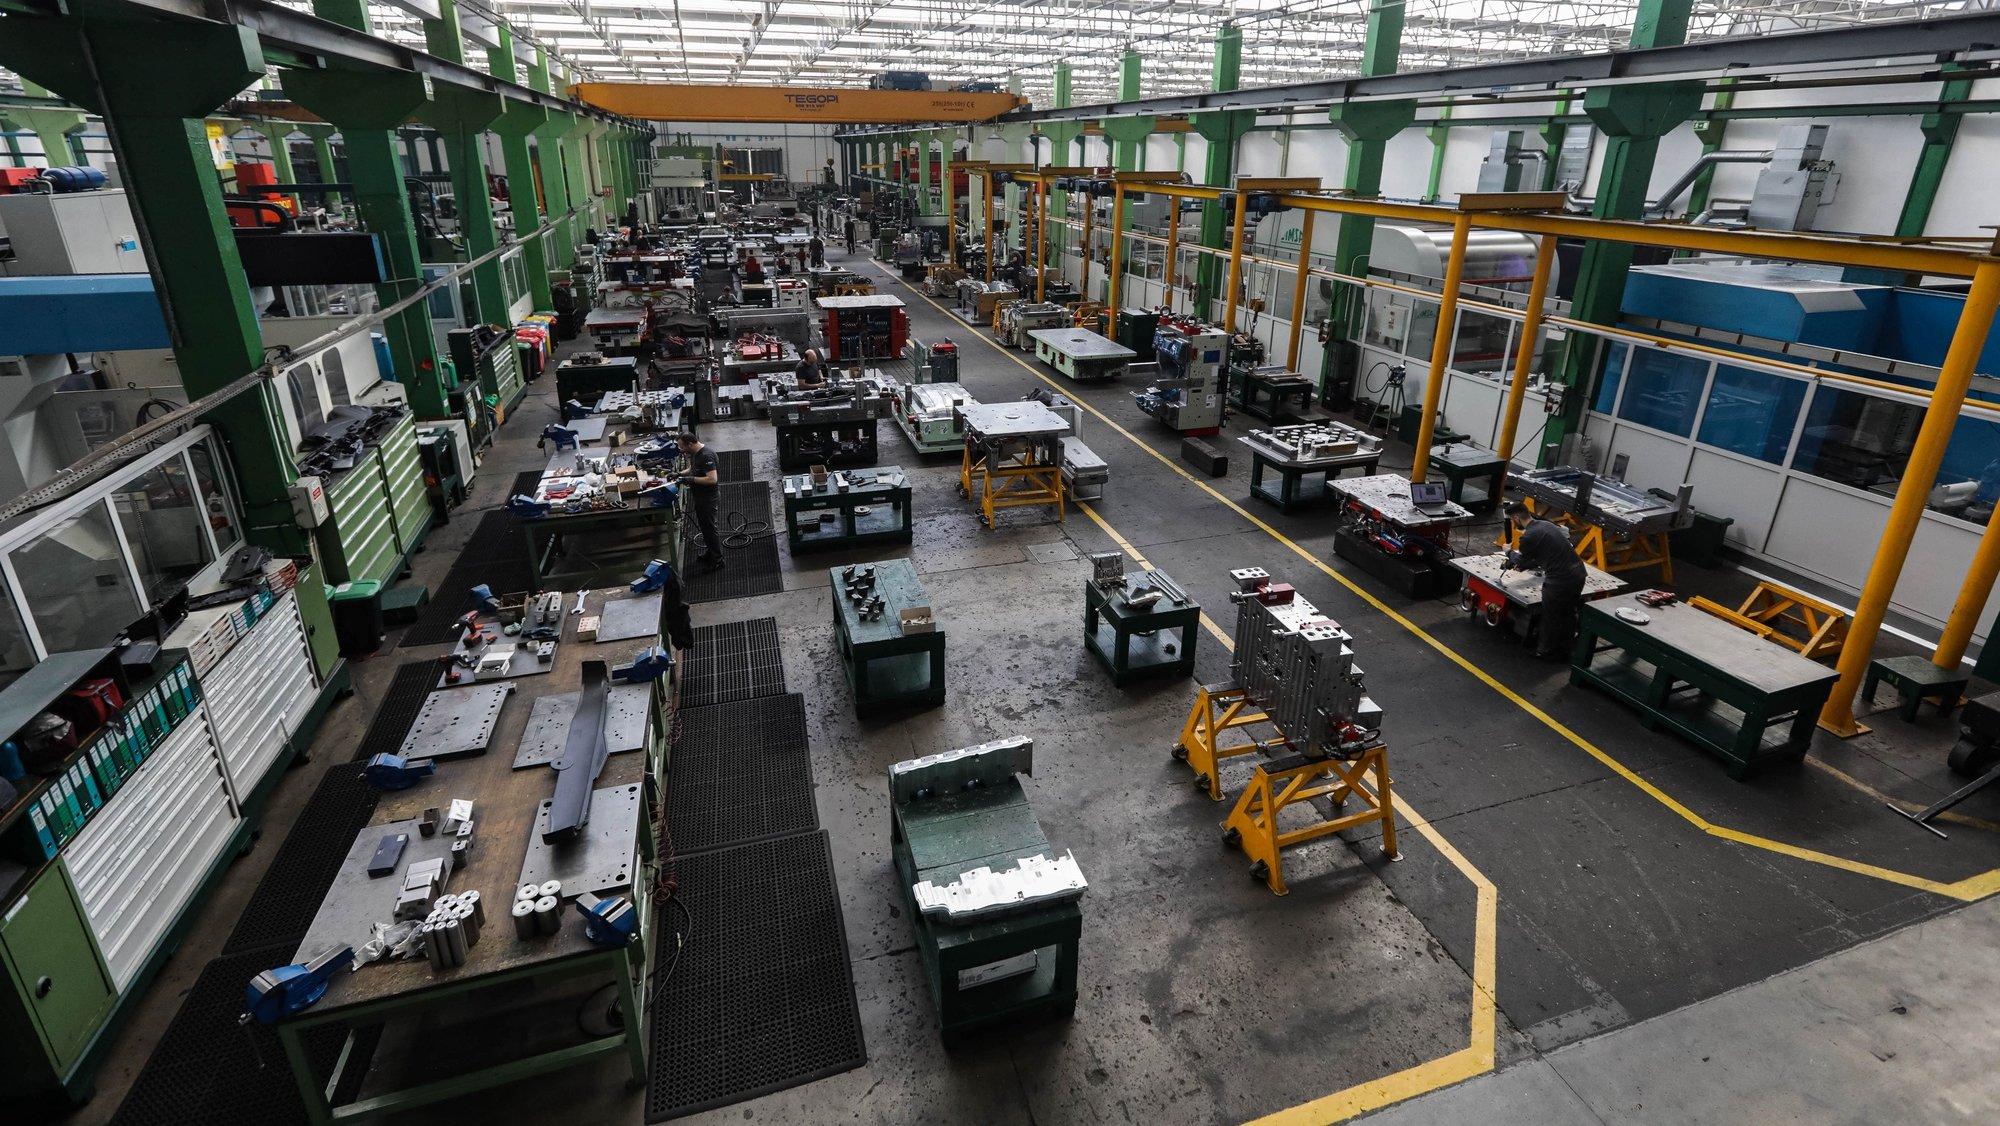 Empresa de moldes de aço Simoldes, em Oliveira de Azeméis, 09 de março de 2020. PAULO NOVAIS/LUSA